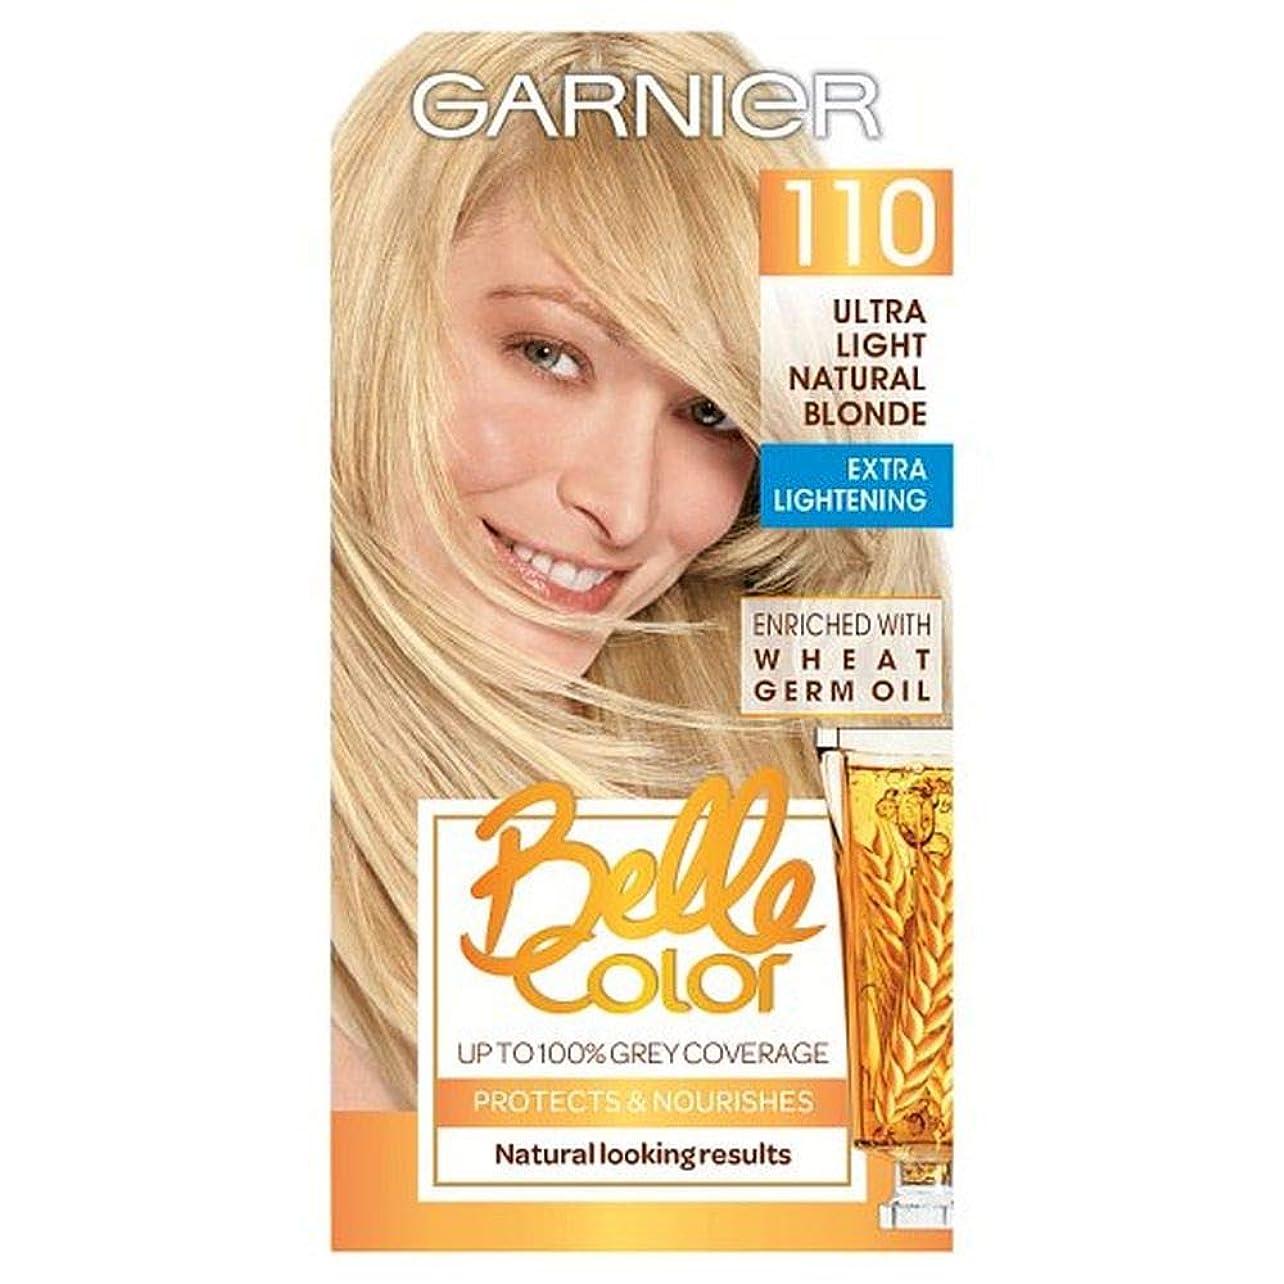 ピカソ抽出姉妹[Belle Color ] ガーン/ベル/Clr 110超軽量天然ブロンドパーマネント毛髪染料 - Garn/Bel/Clr 110 Ultra Light Natural Blonde Permanent Hair Dye [並行輸入品]